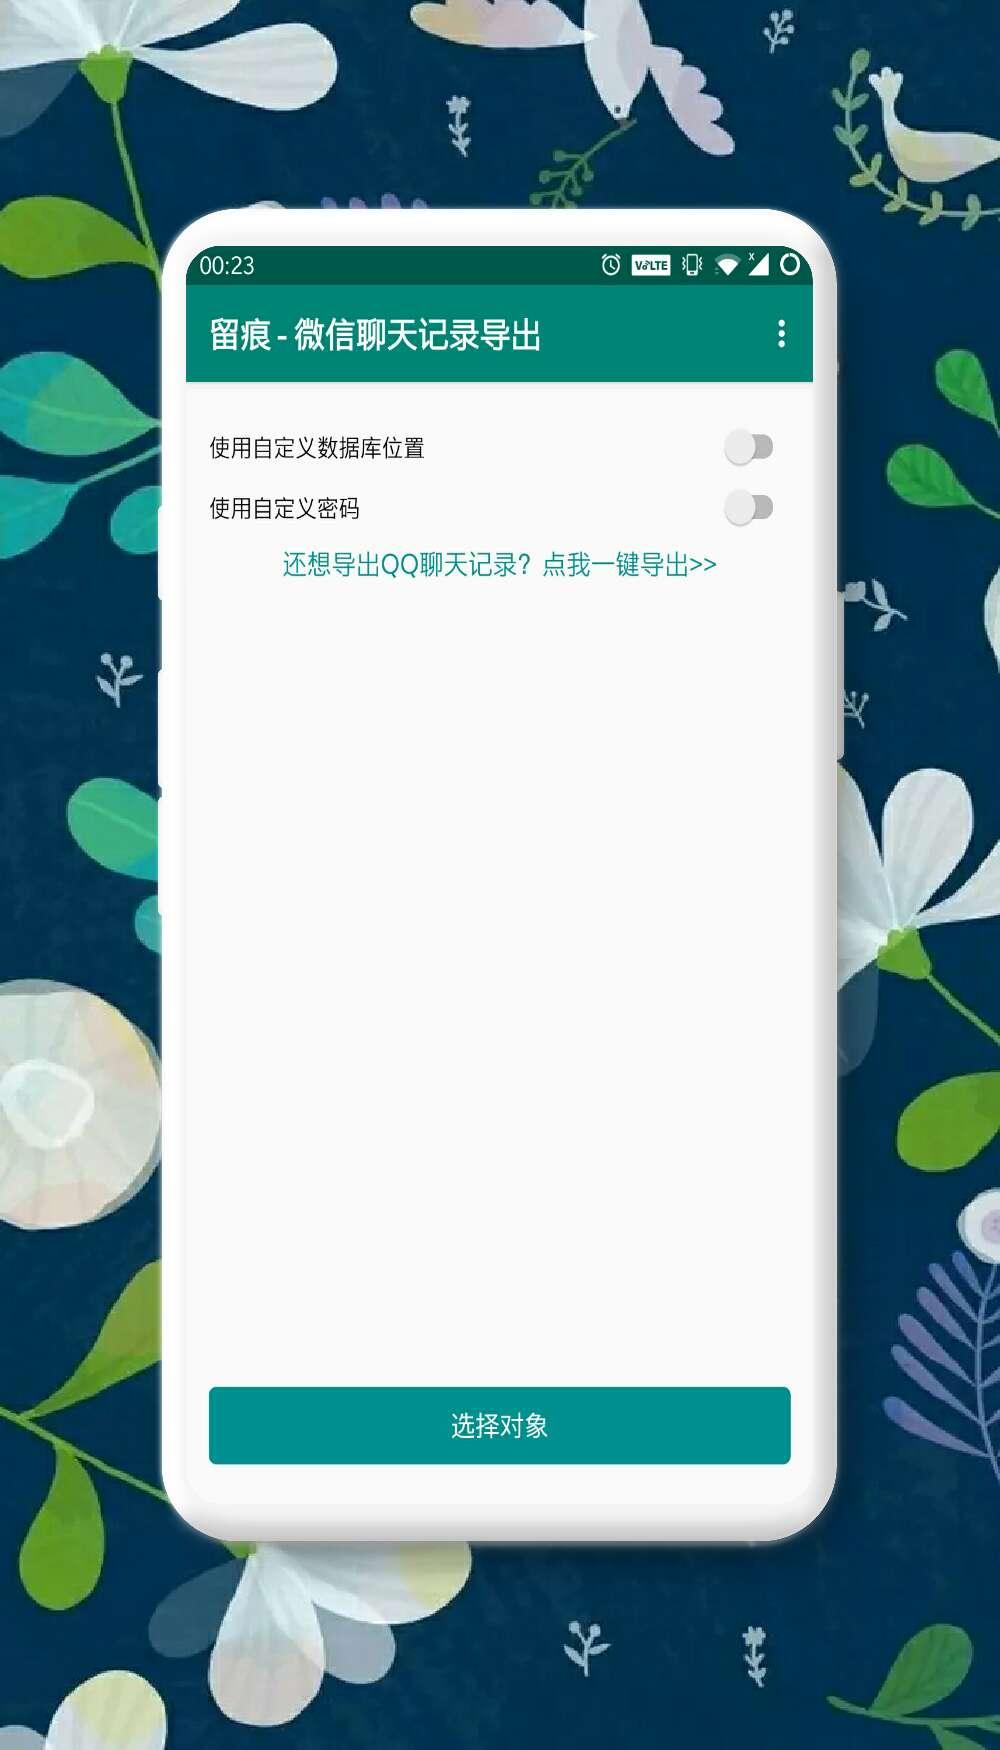 「分享」留痕 - 微信聊天记录导出 2.0